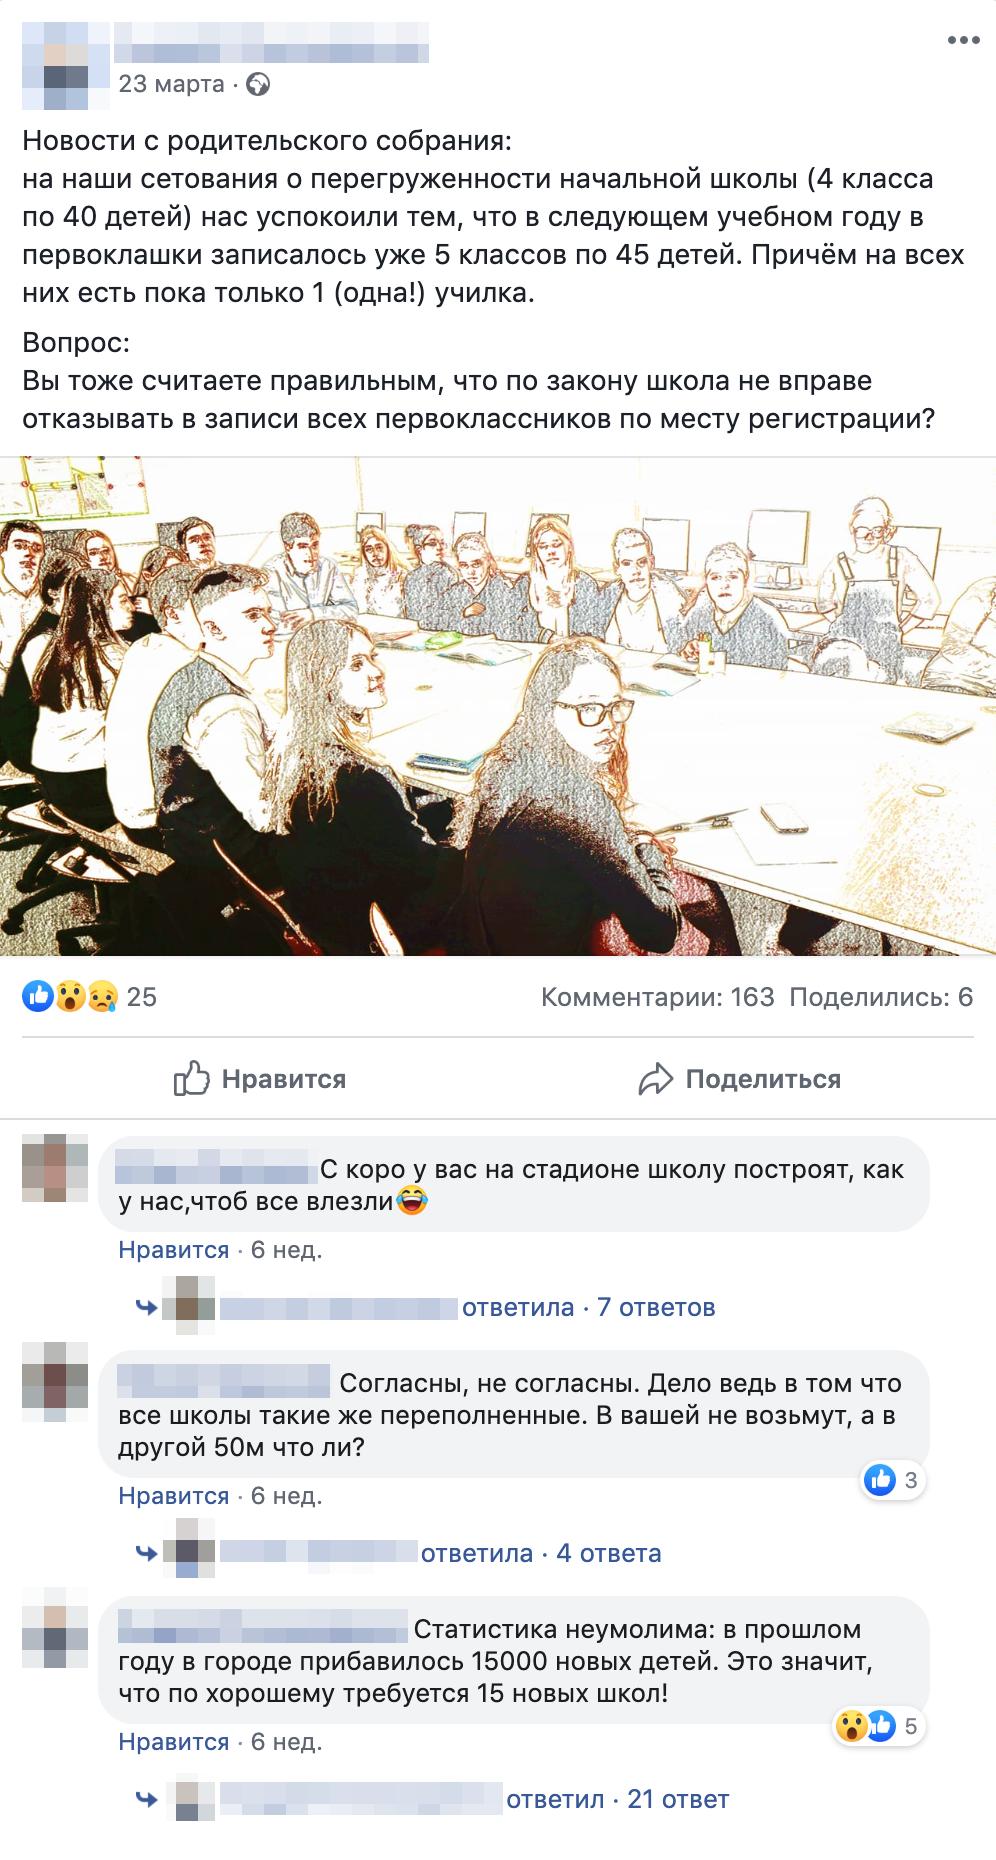 Переписка родителей в Фейсбуке о нехватке мест в классах